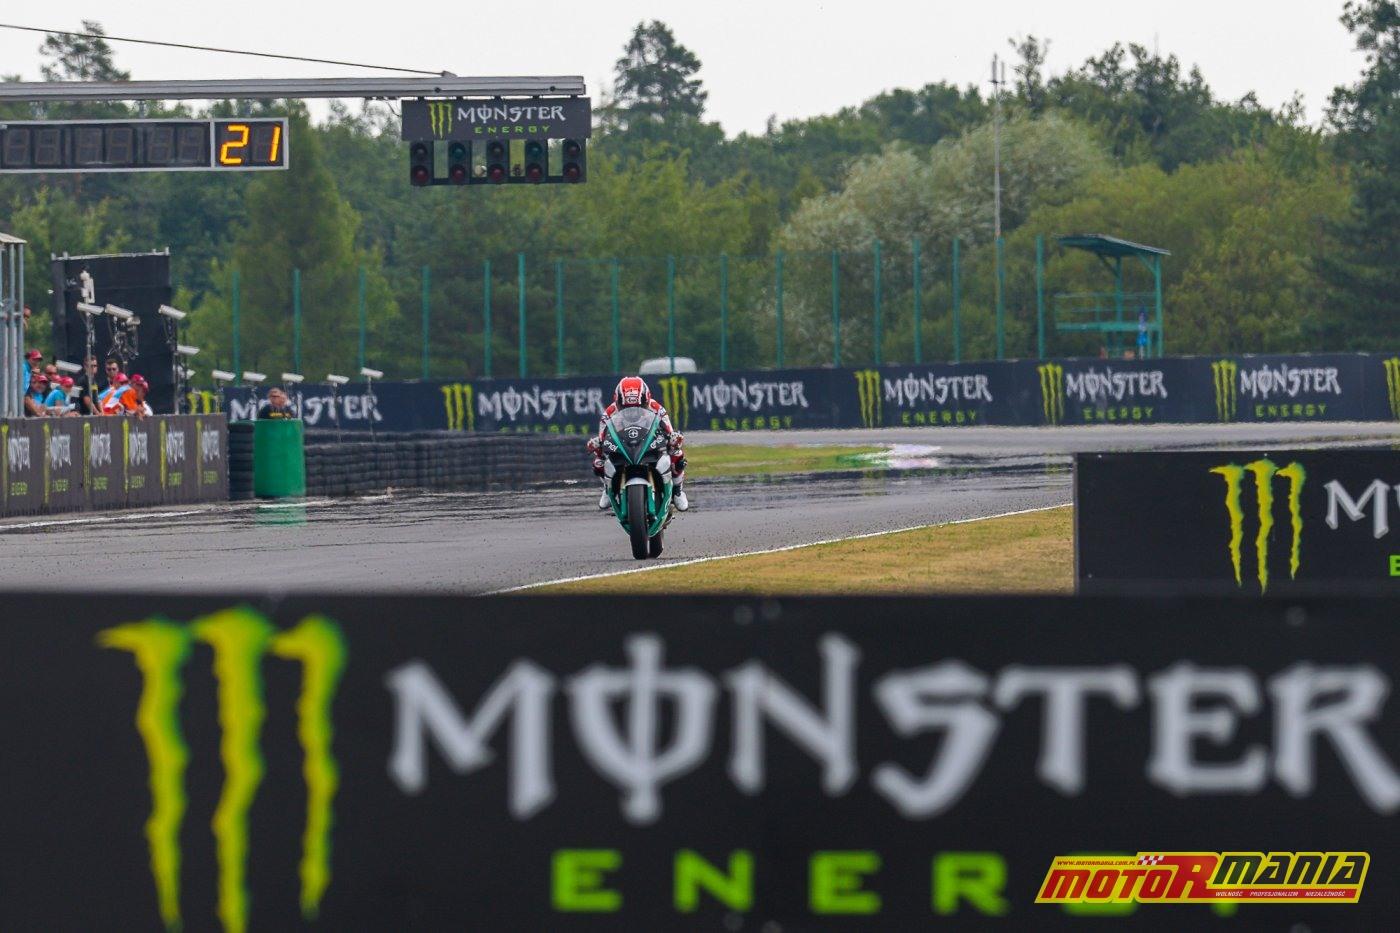 Wyścig MotoGP Brno 2018 - fot Waldek Walerczuk (1)